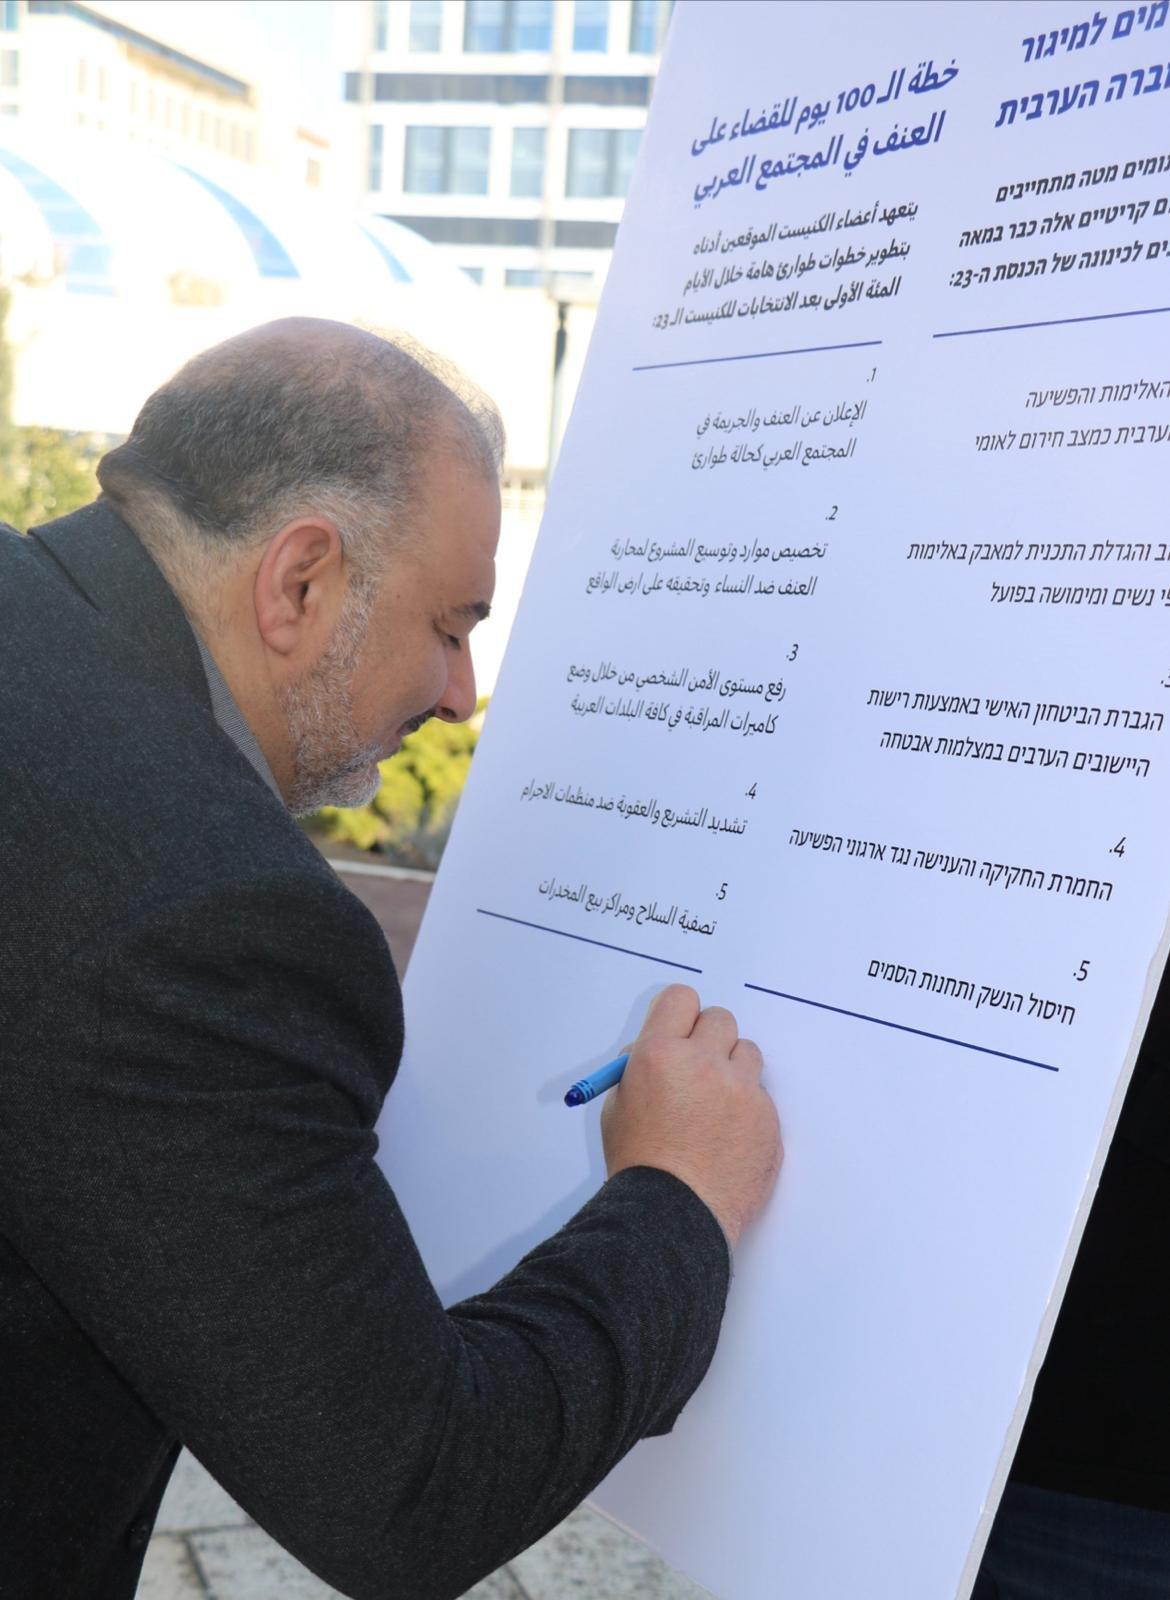 رؤساء الأحزاب الأربعة بالمشتركة يوقعون على خطة الـ 100 يوم للقضاء على الجريمة والعنف في المجتمع العربي